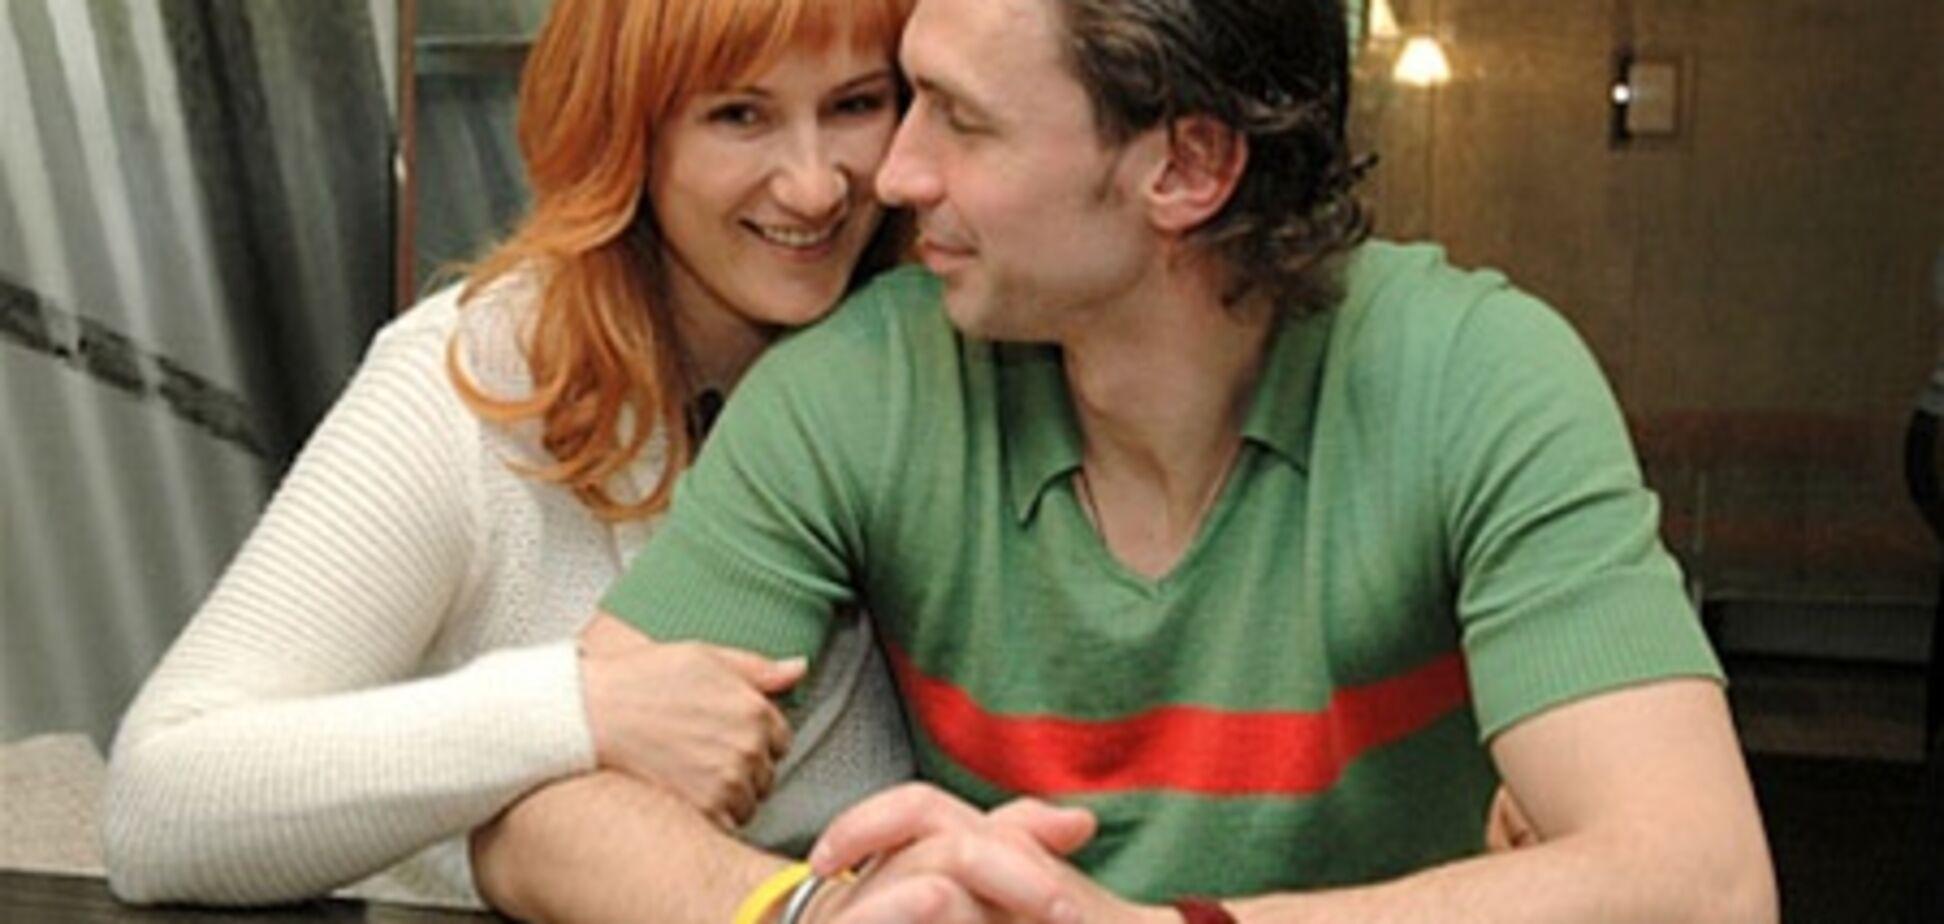 Січкар піариться або дійсно розлучилася?